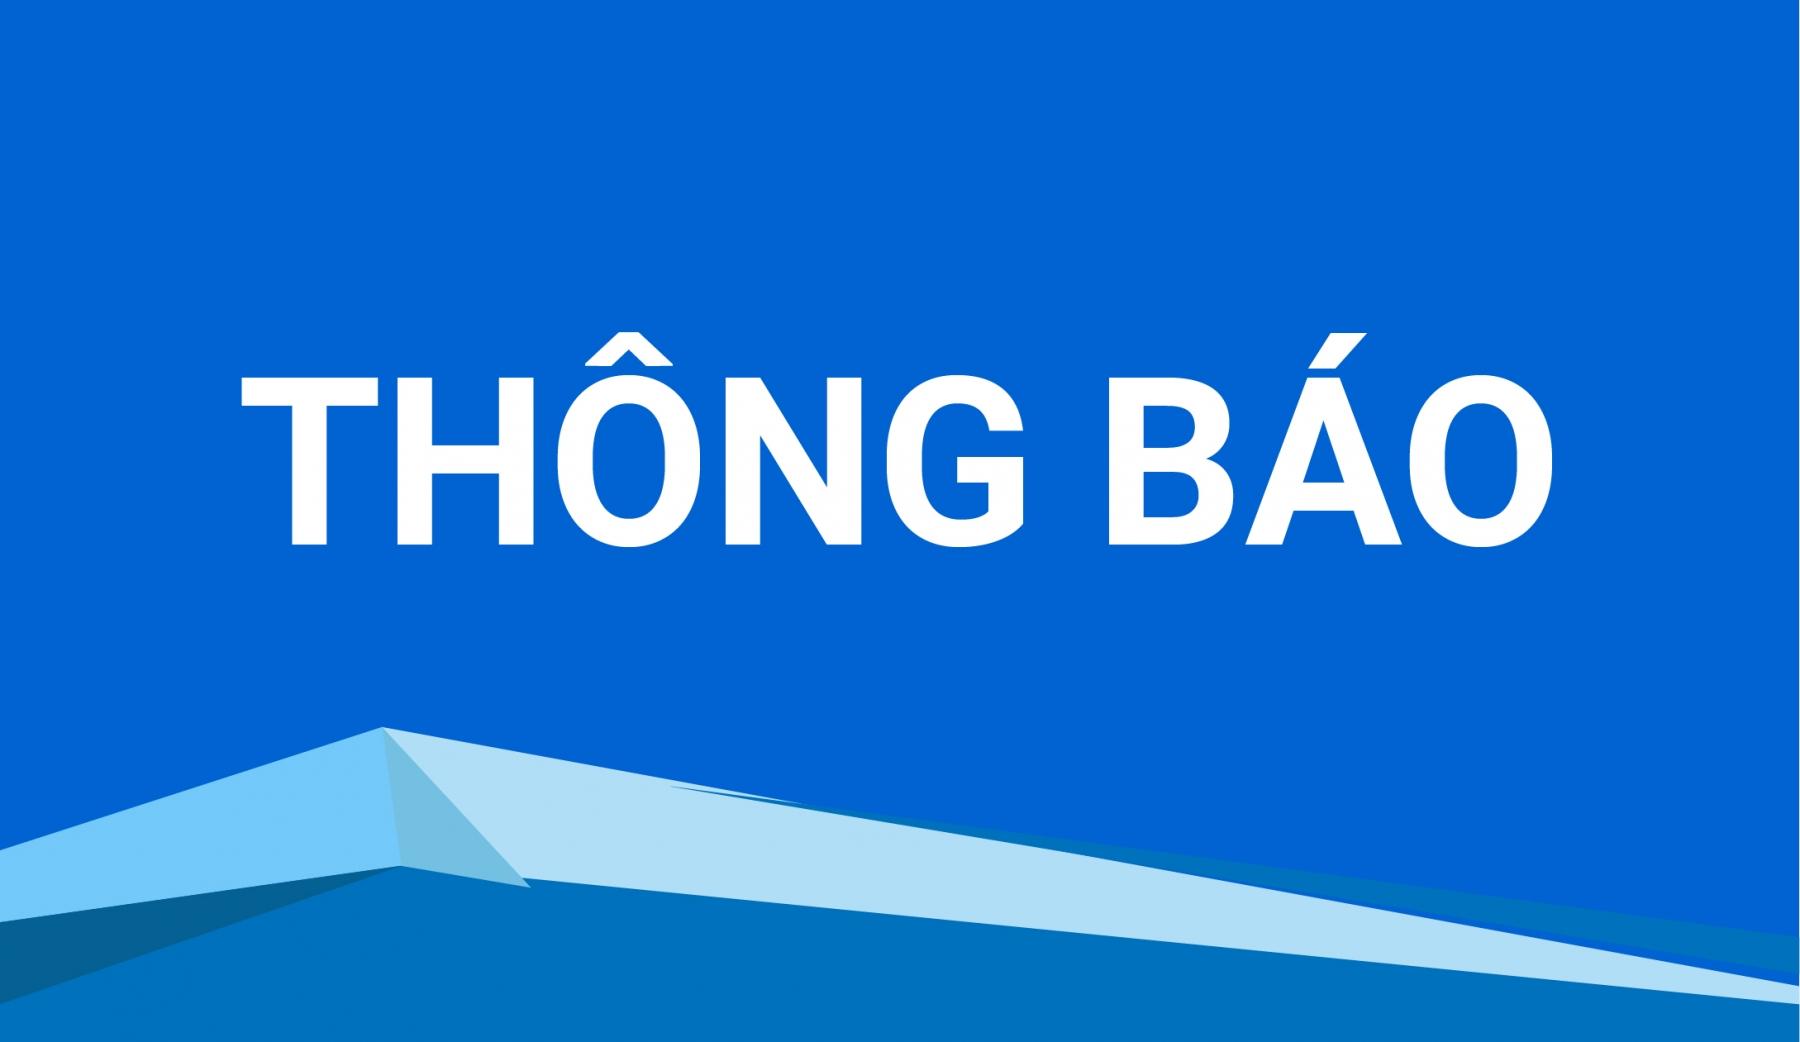 V/v: Thông báo lịch nghỉ giao dịch các sản phẩm trên Sở Giao dịch Hàng hóa Việt Nam